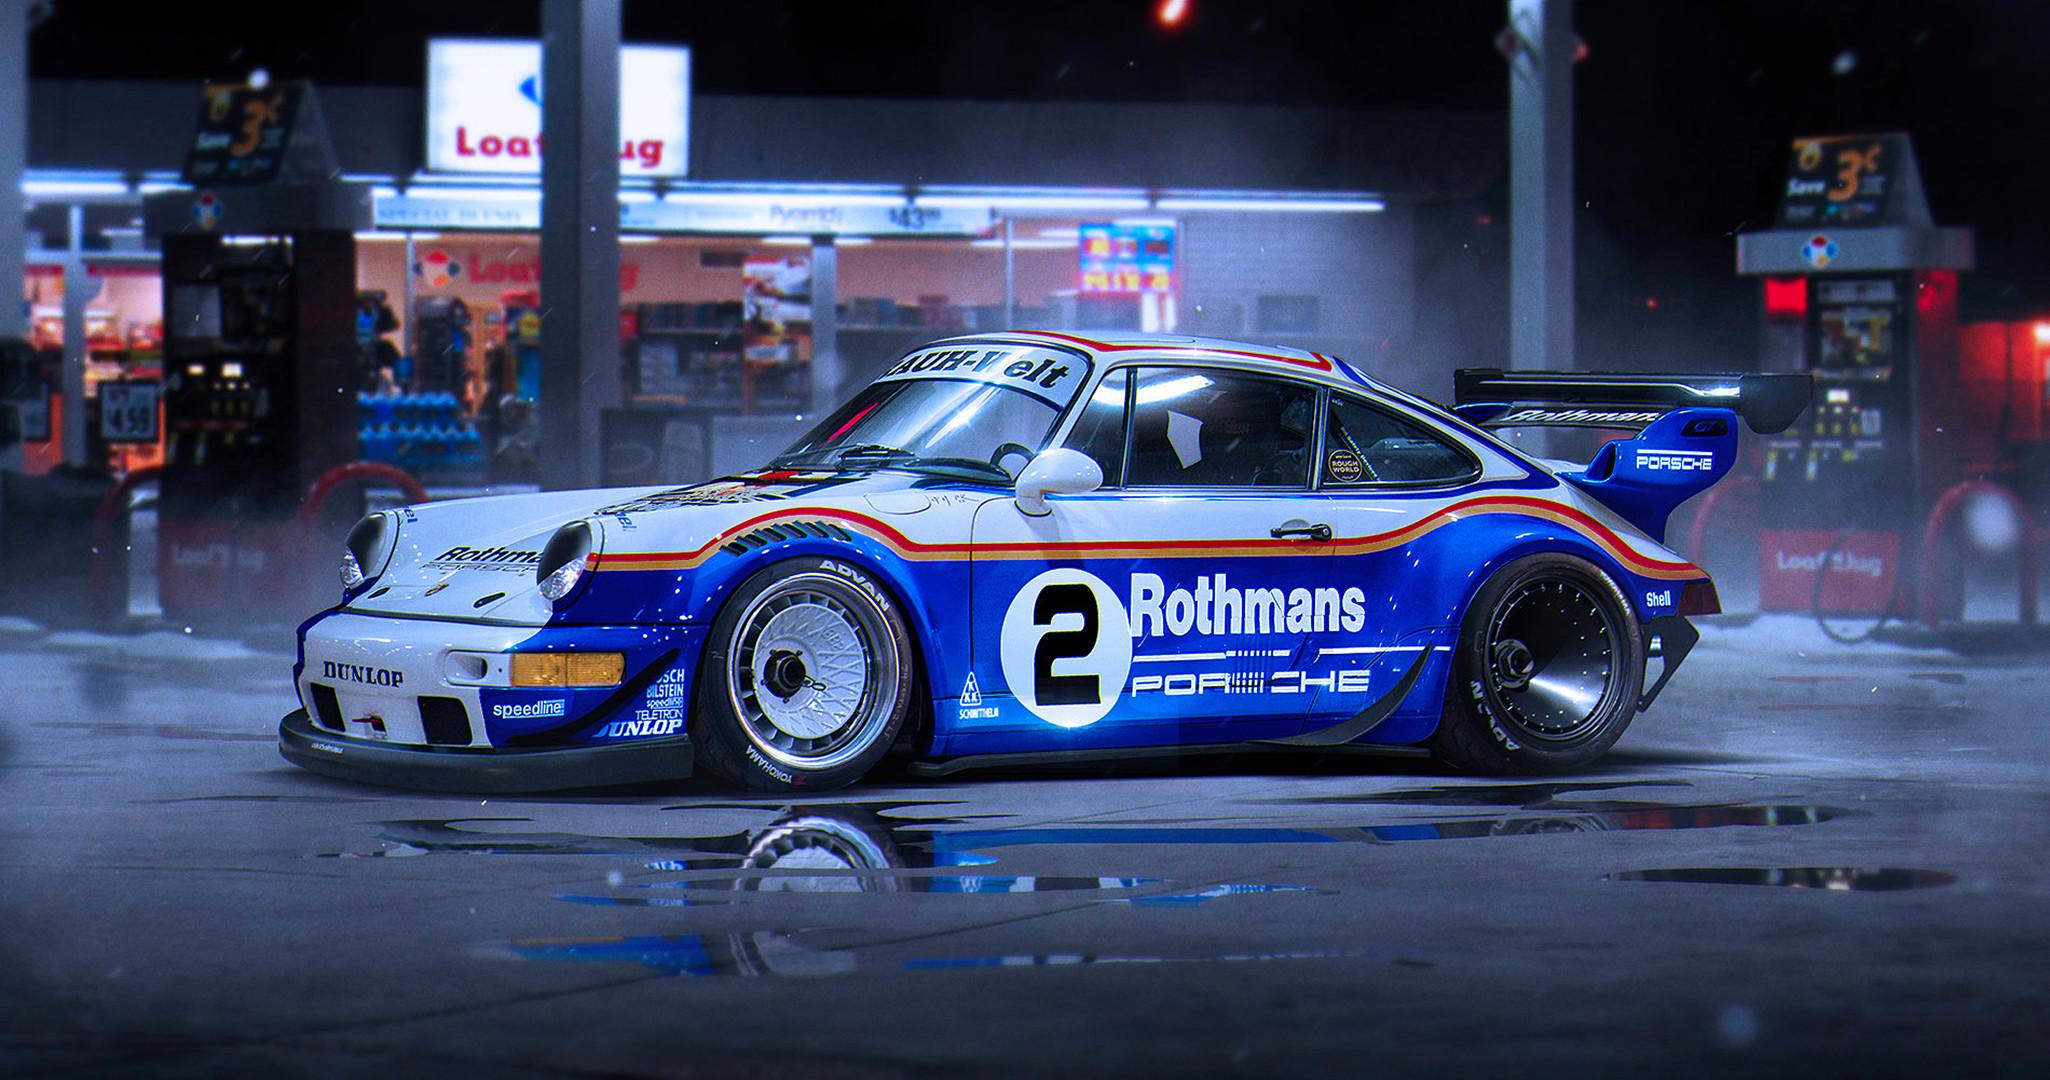 Porsche carrera gt wallpaper 1920x1080